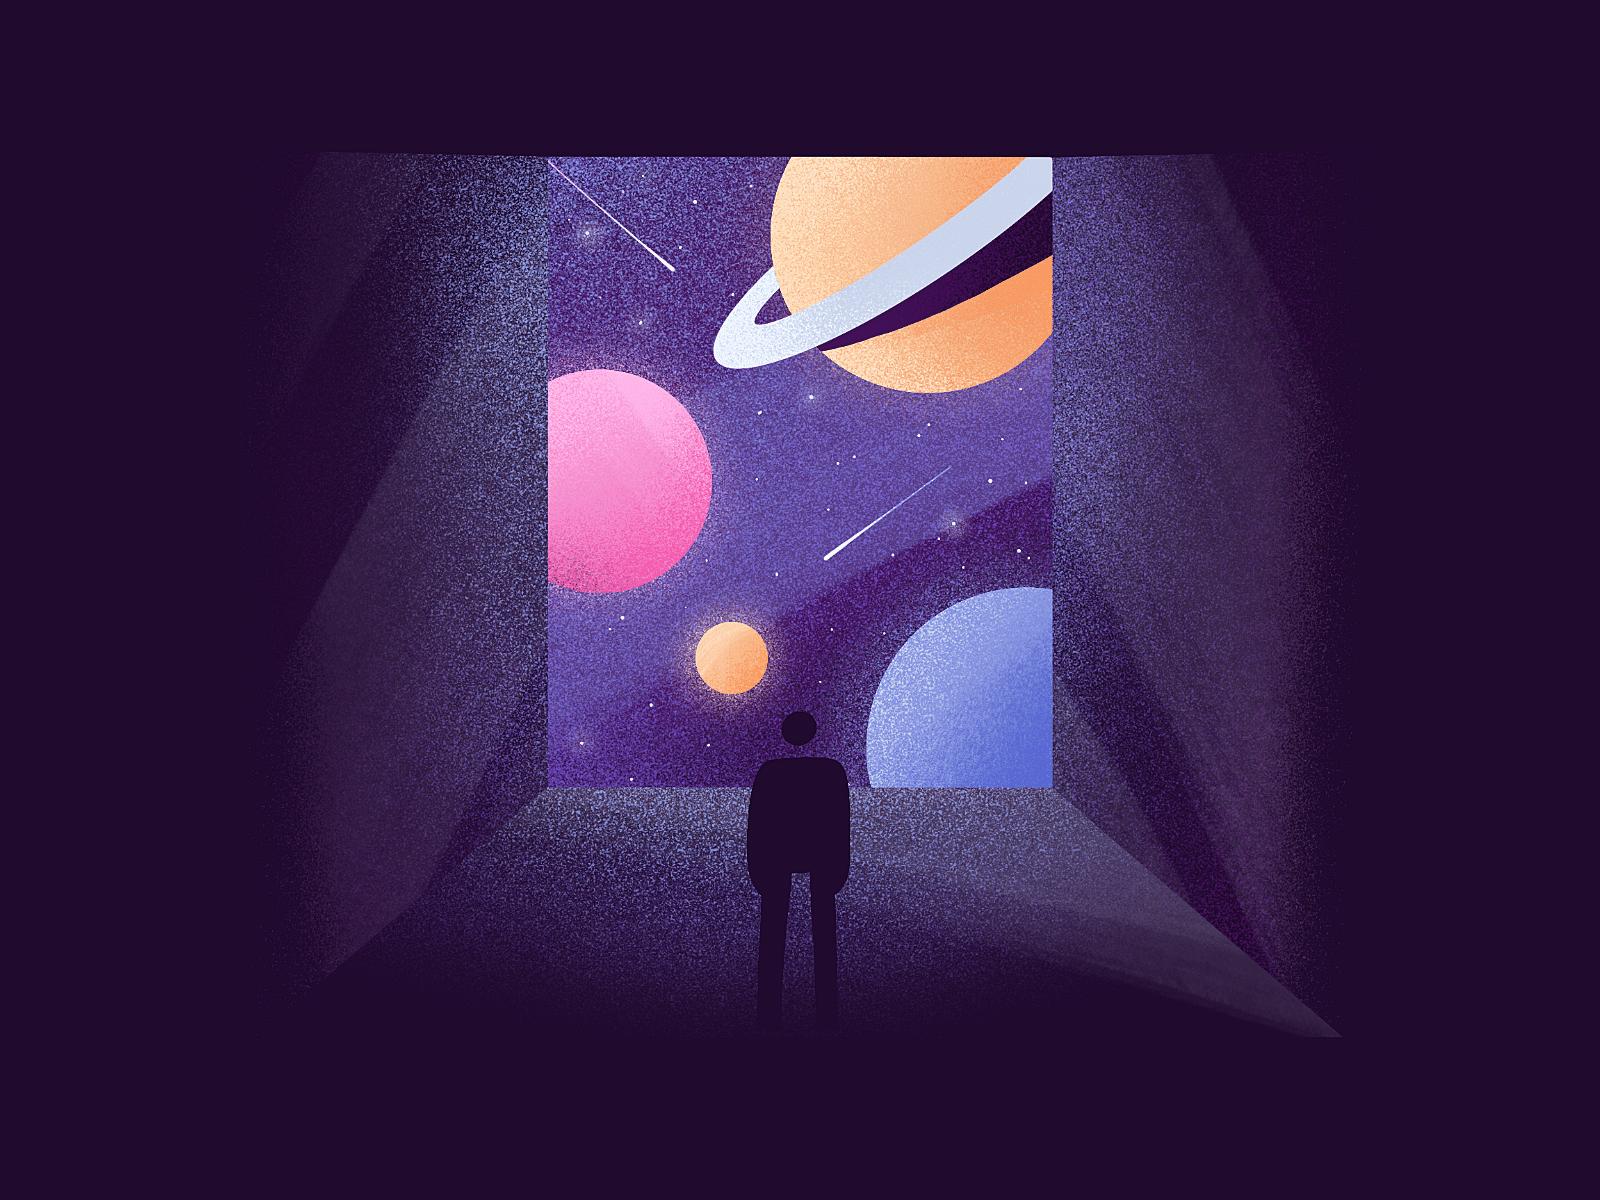 Ilustração de pessoa olhando para planetas